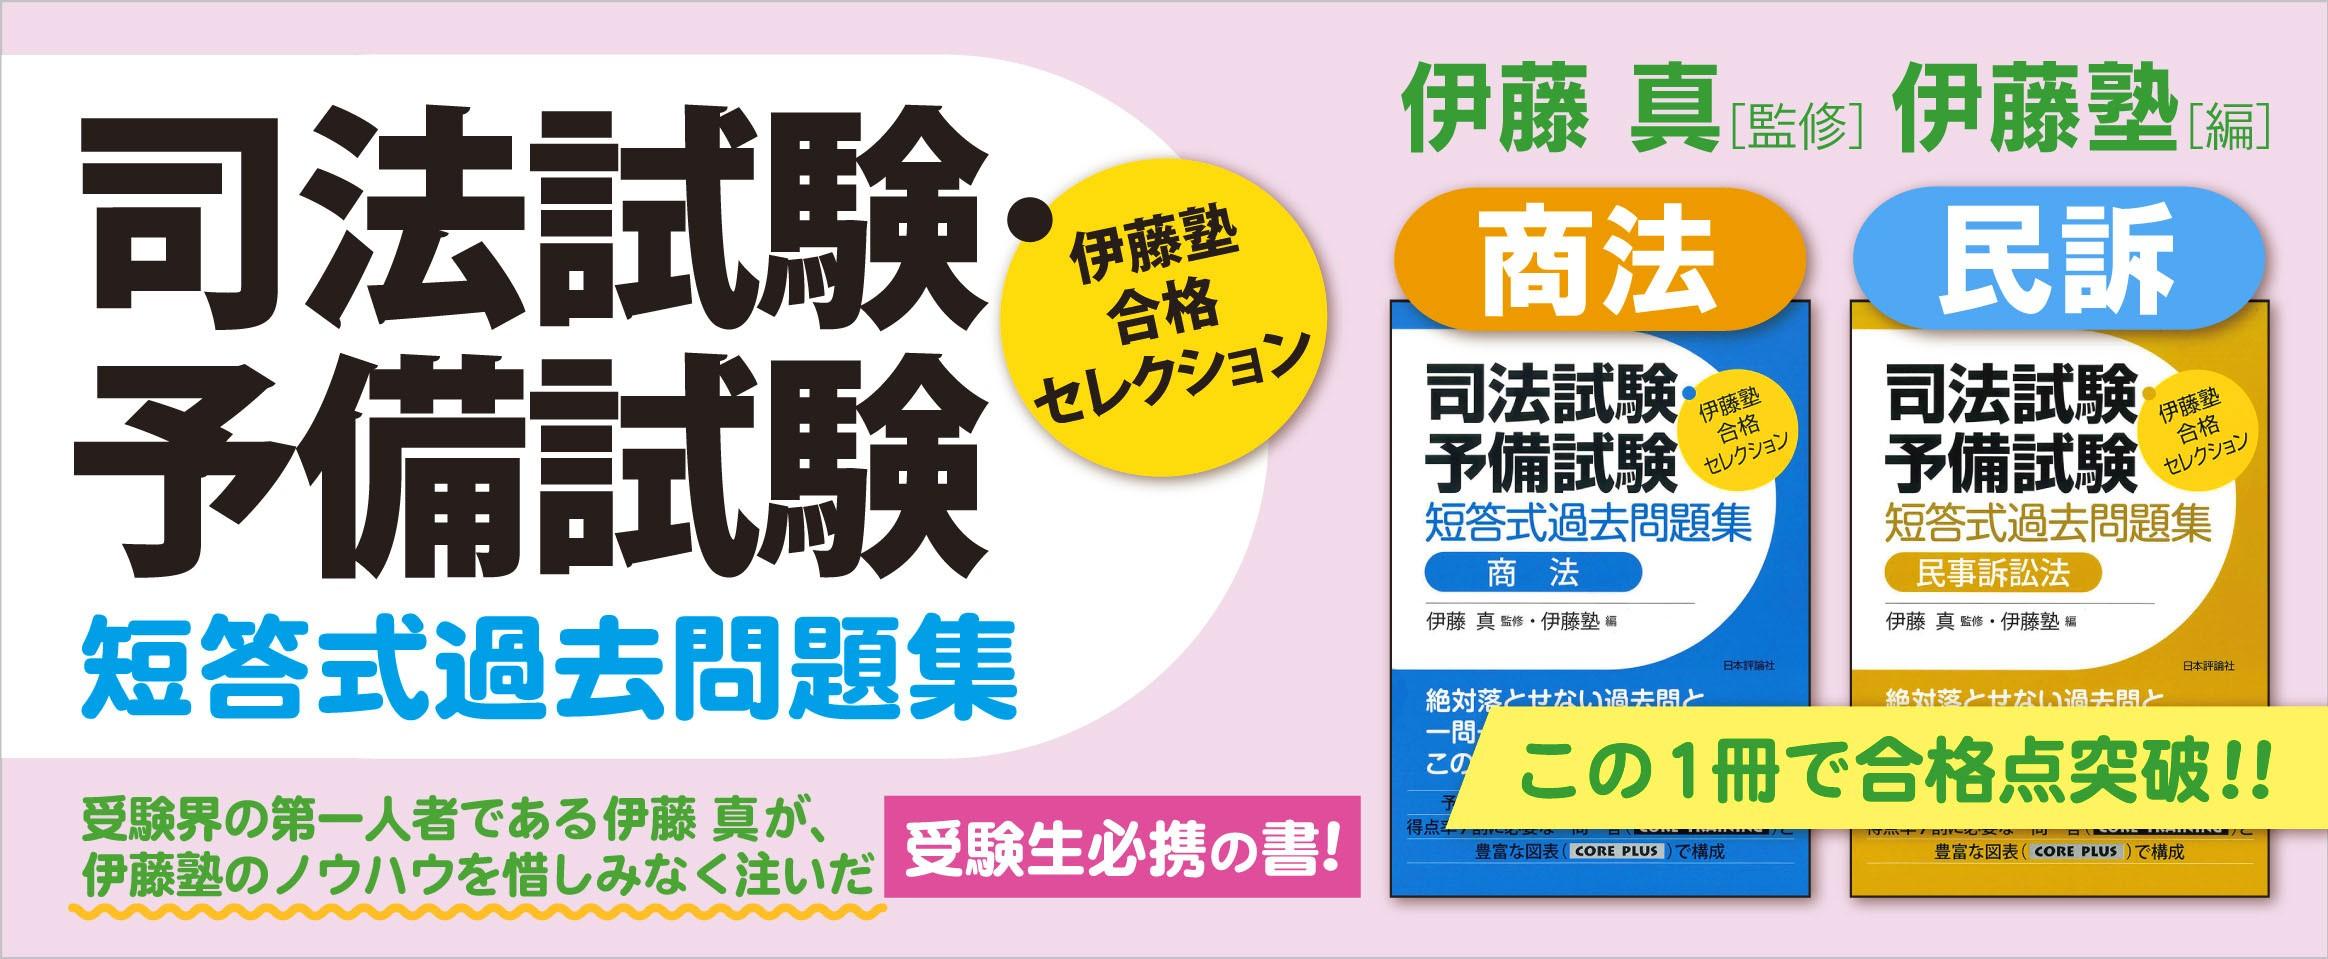 伊藤塾合格セレクション__商法-民訴_バナー